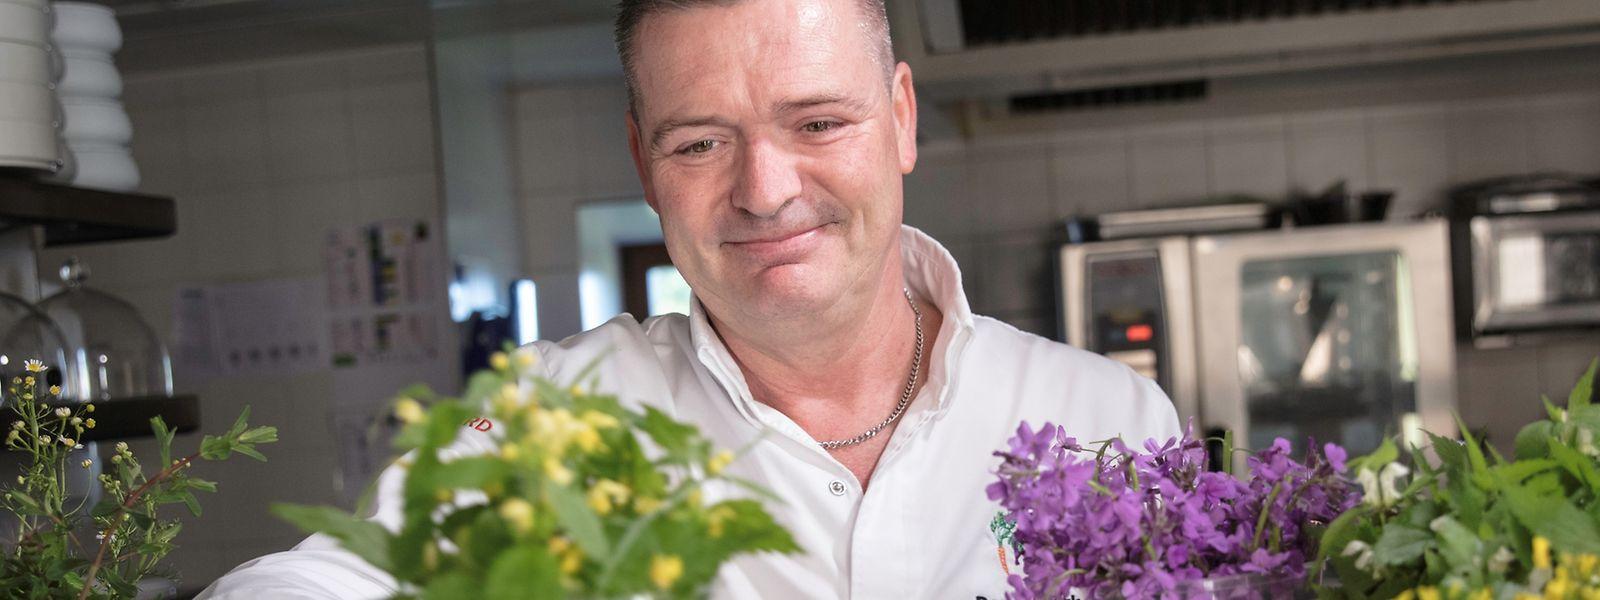 """Die Küche der """"Distillerie"""" unter René Mathieu wurde als bestes Gemüserestaurant der Welt ausgezeichnet."""